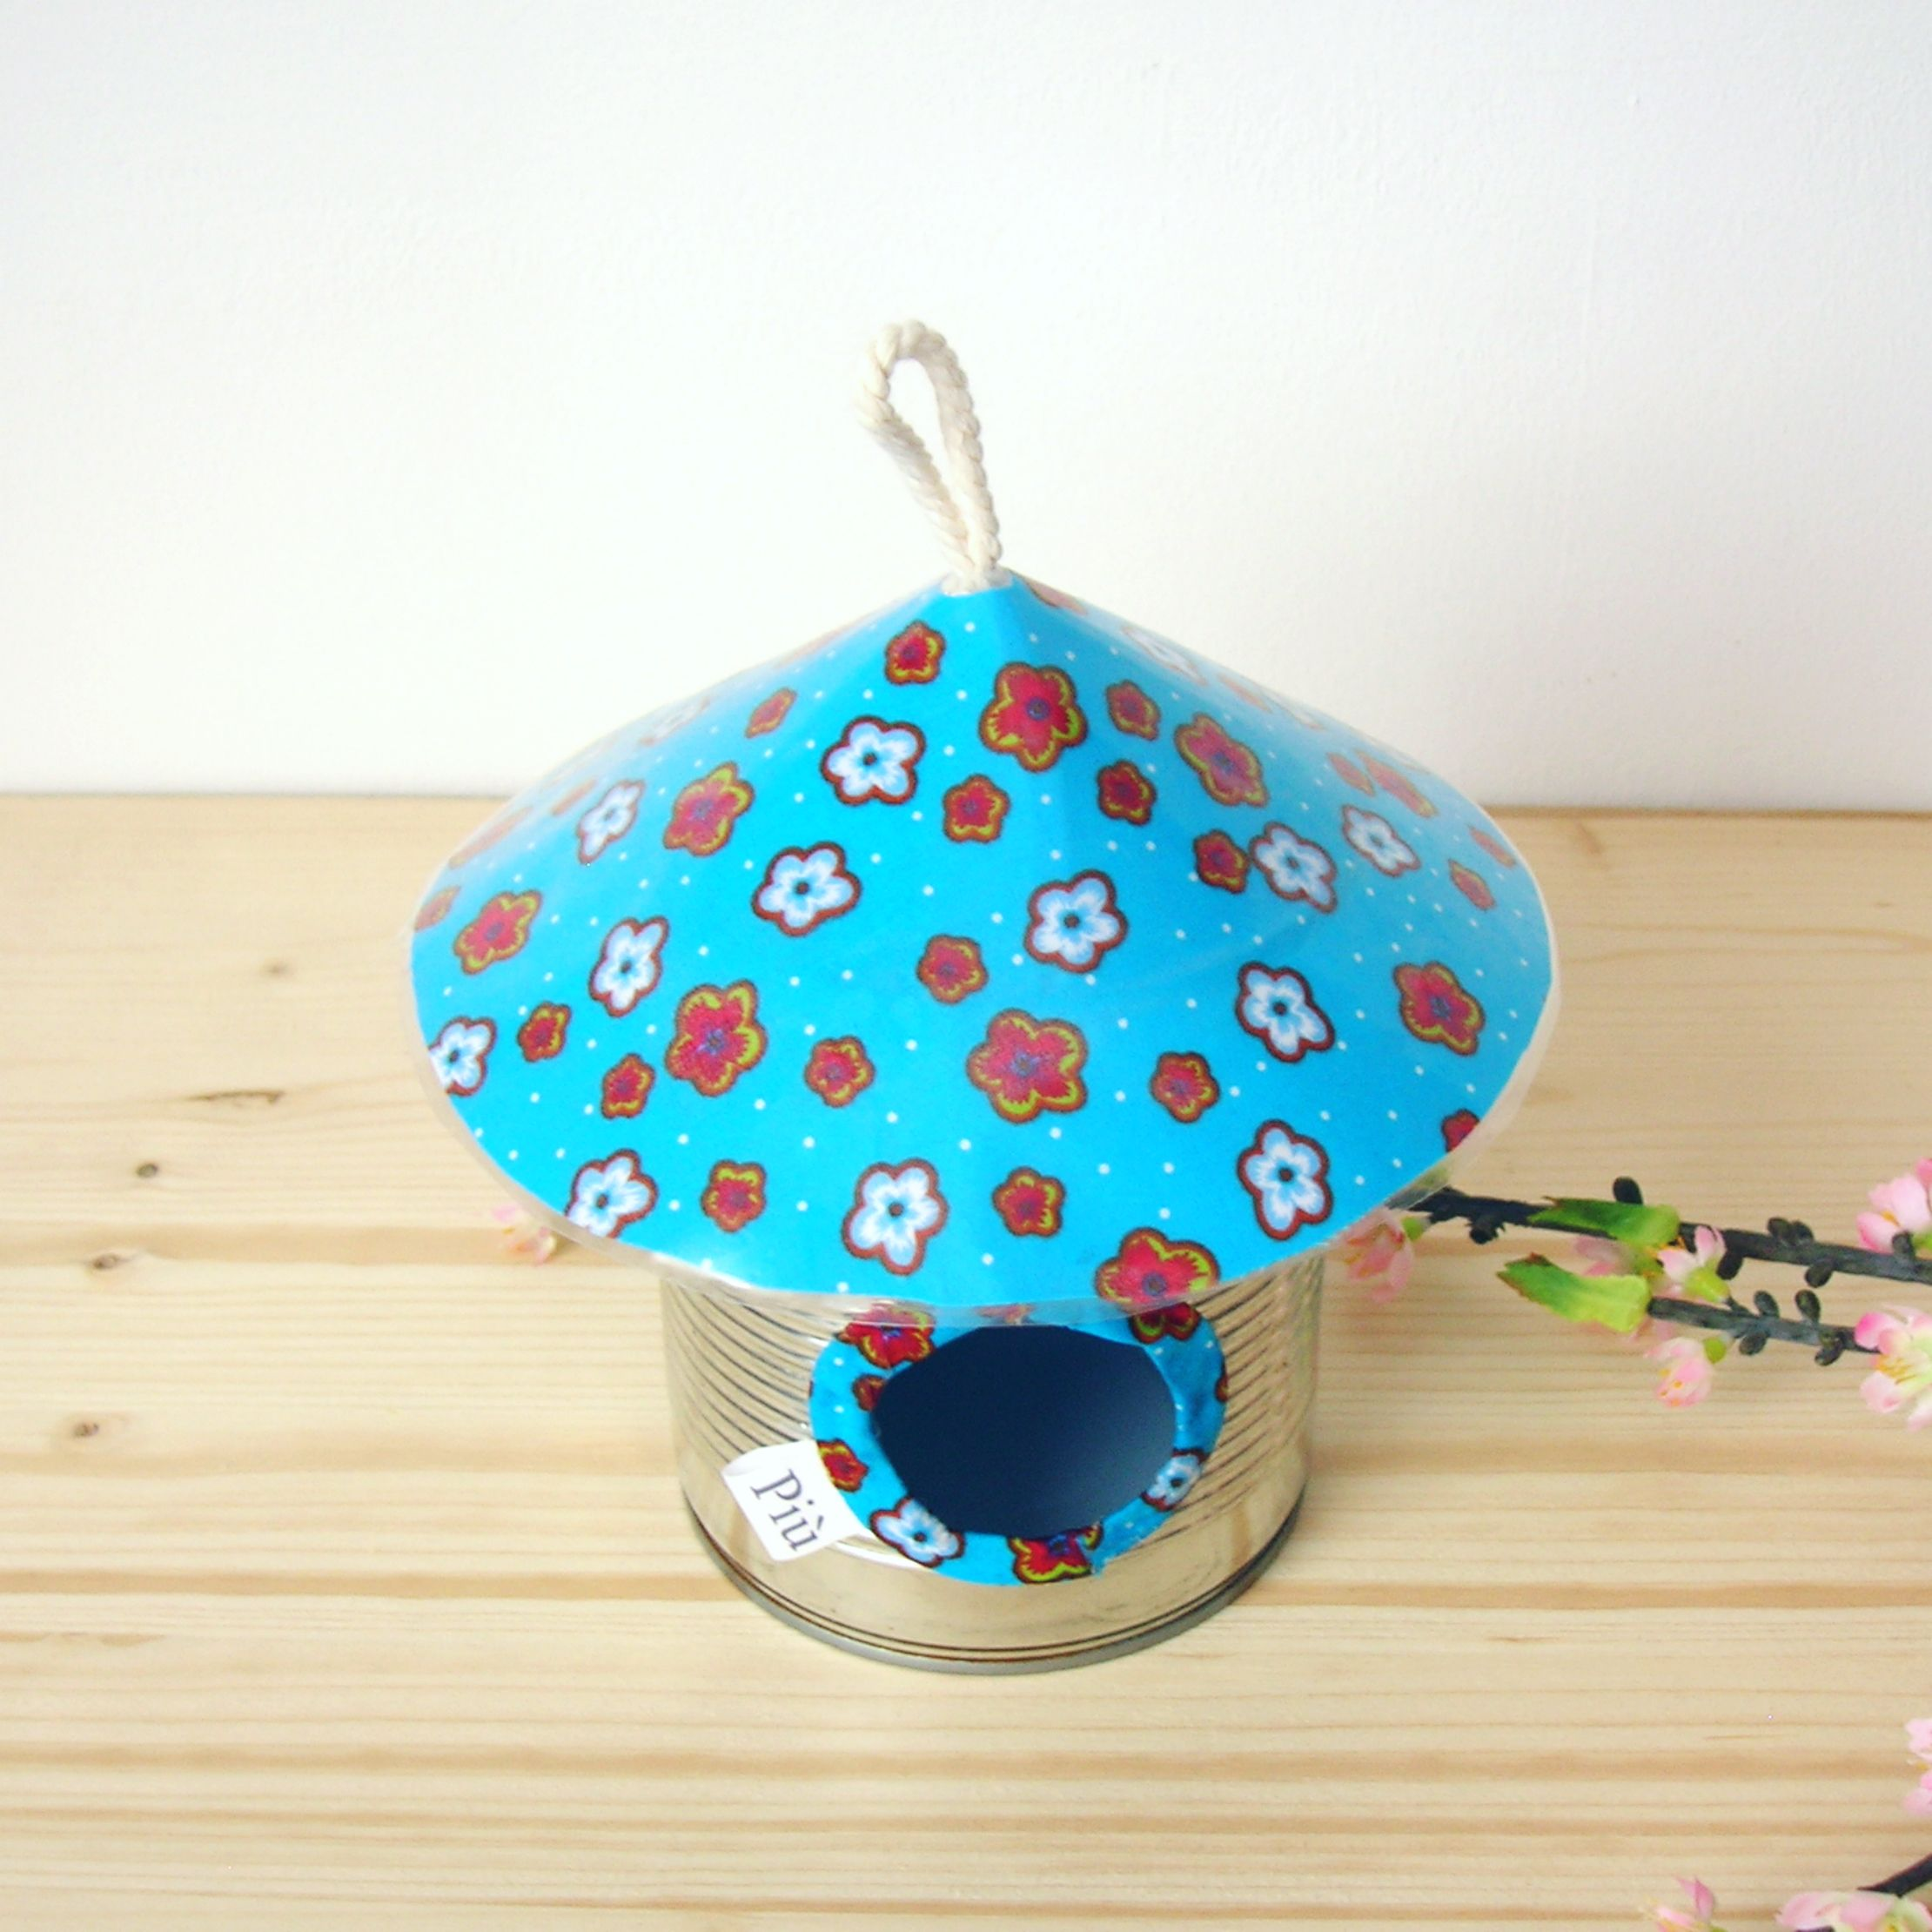 Nichoir décoratif en métal et tissu bleu ♥ ♥♥ Visitez www.chezpiu.com, une boutique de décoration fabrication artisanale en petites séries.